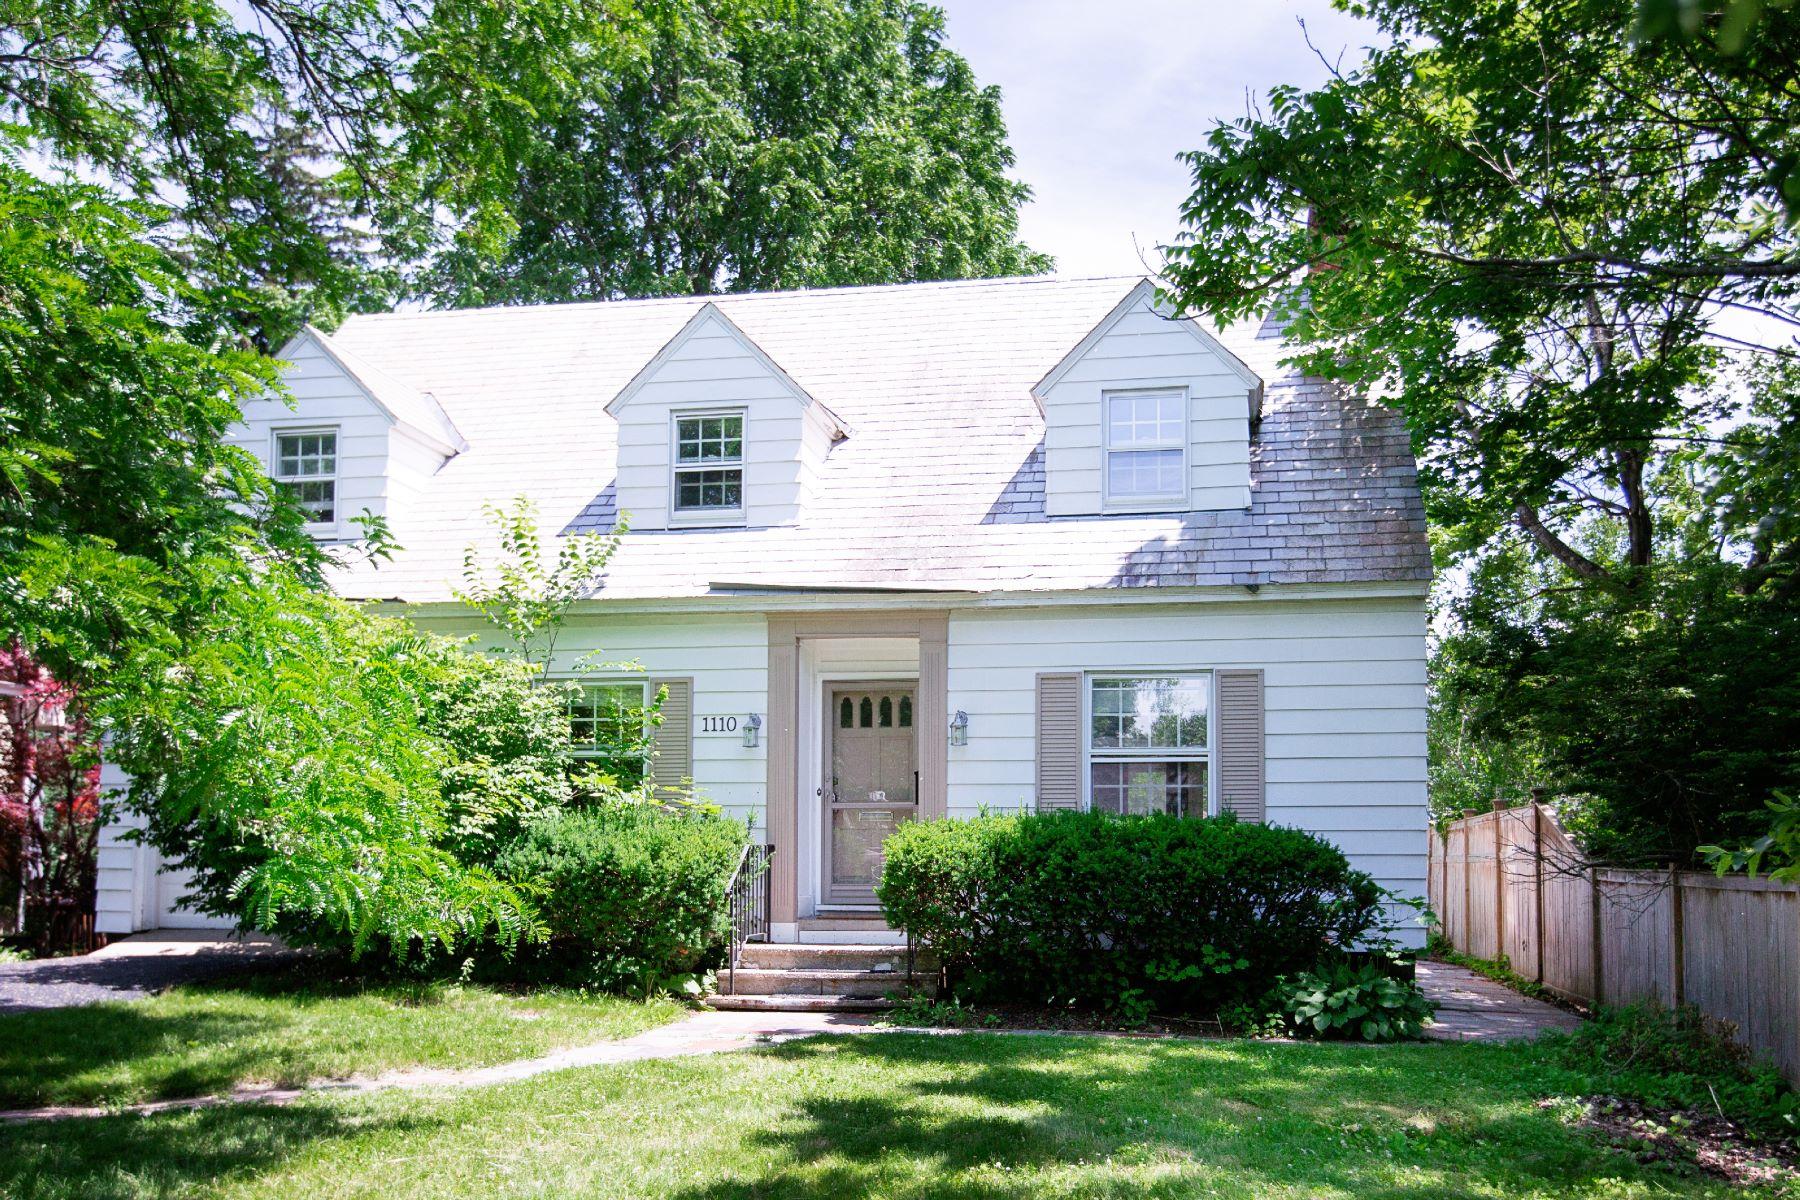 Single Family Homes för Försäljning vid Lovely Cape in the Country Club Neighborhood 1110 Millington Rd., Niskayuna, New York 12309 Förenta staterna